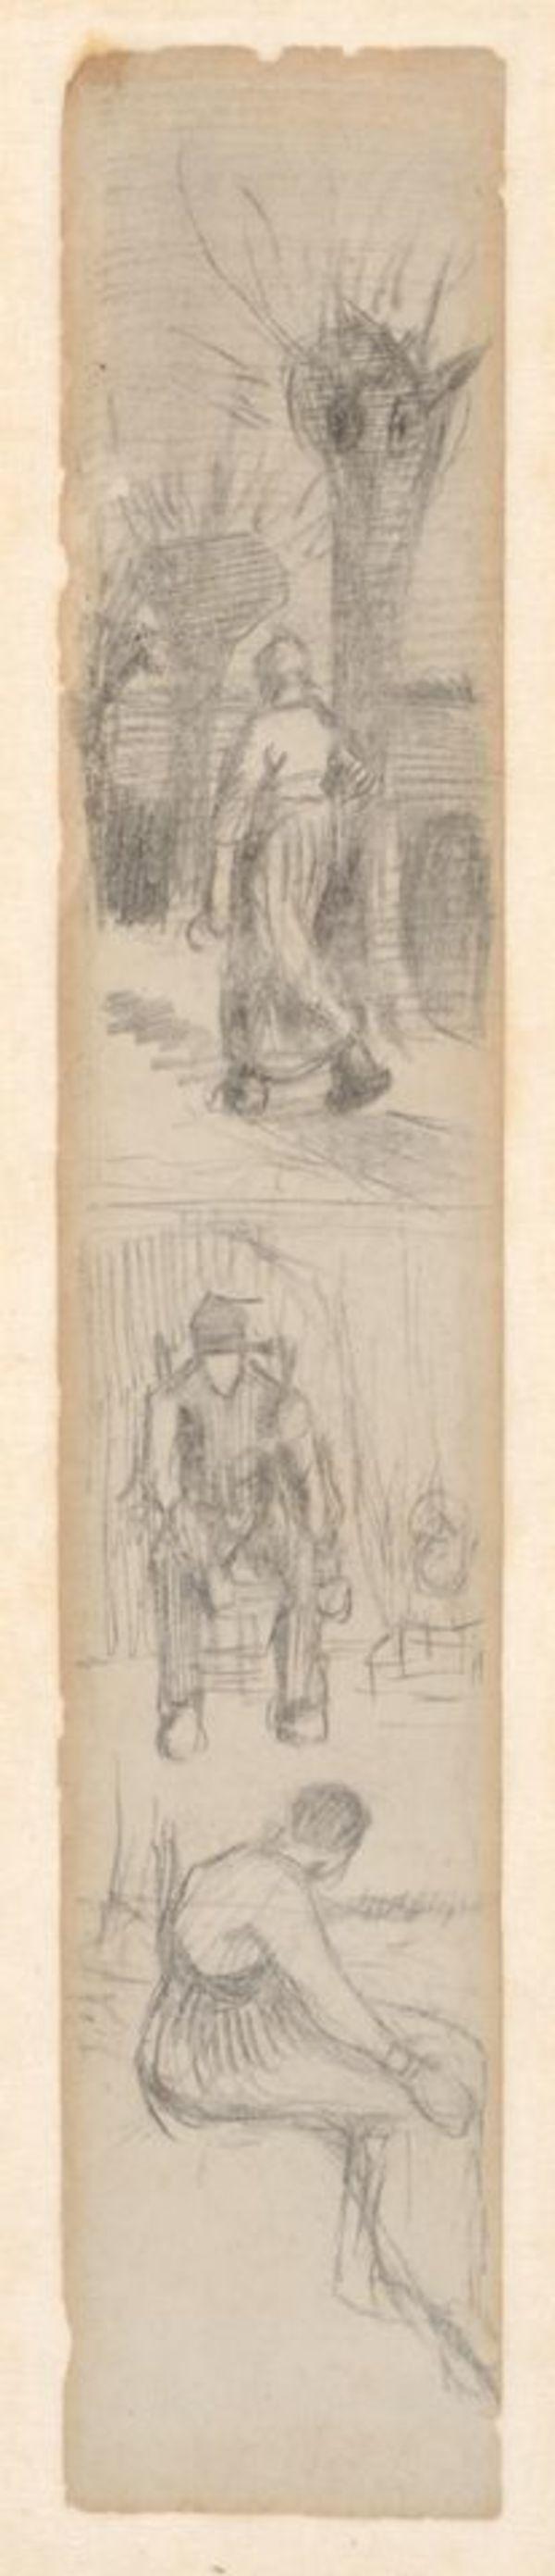 Nieuw ontdekte schetsen Van Gogh tentoongesteld - tweet @VanGoghBrabant